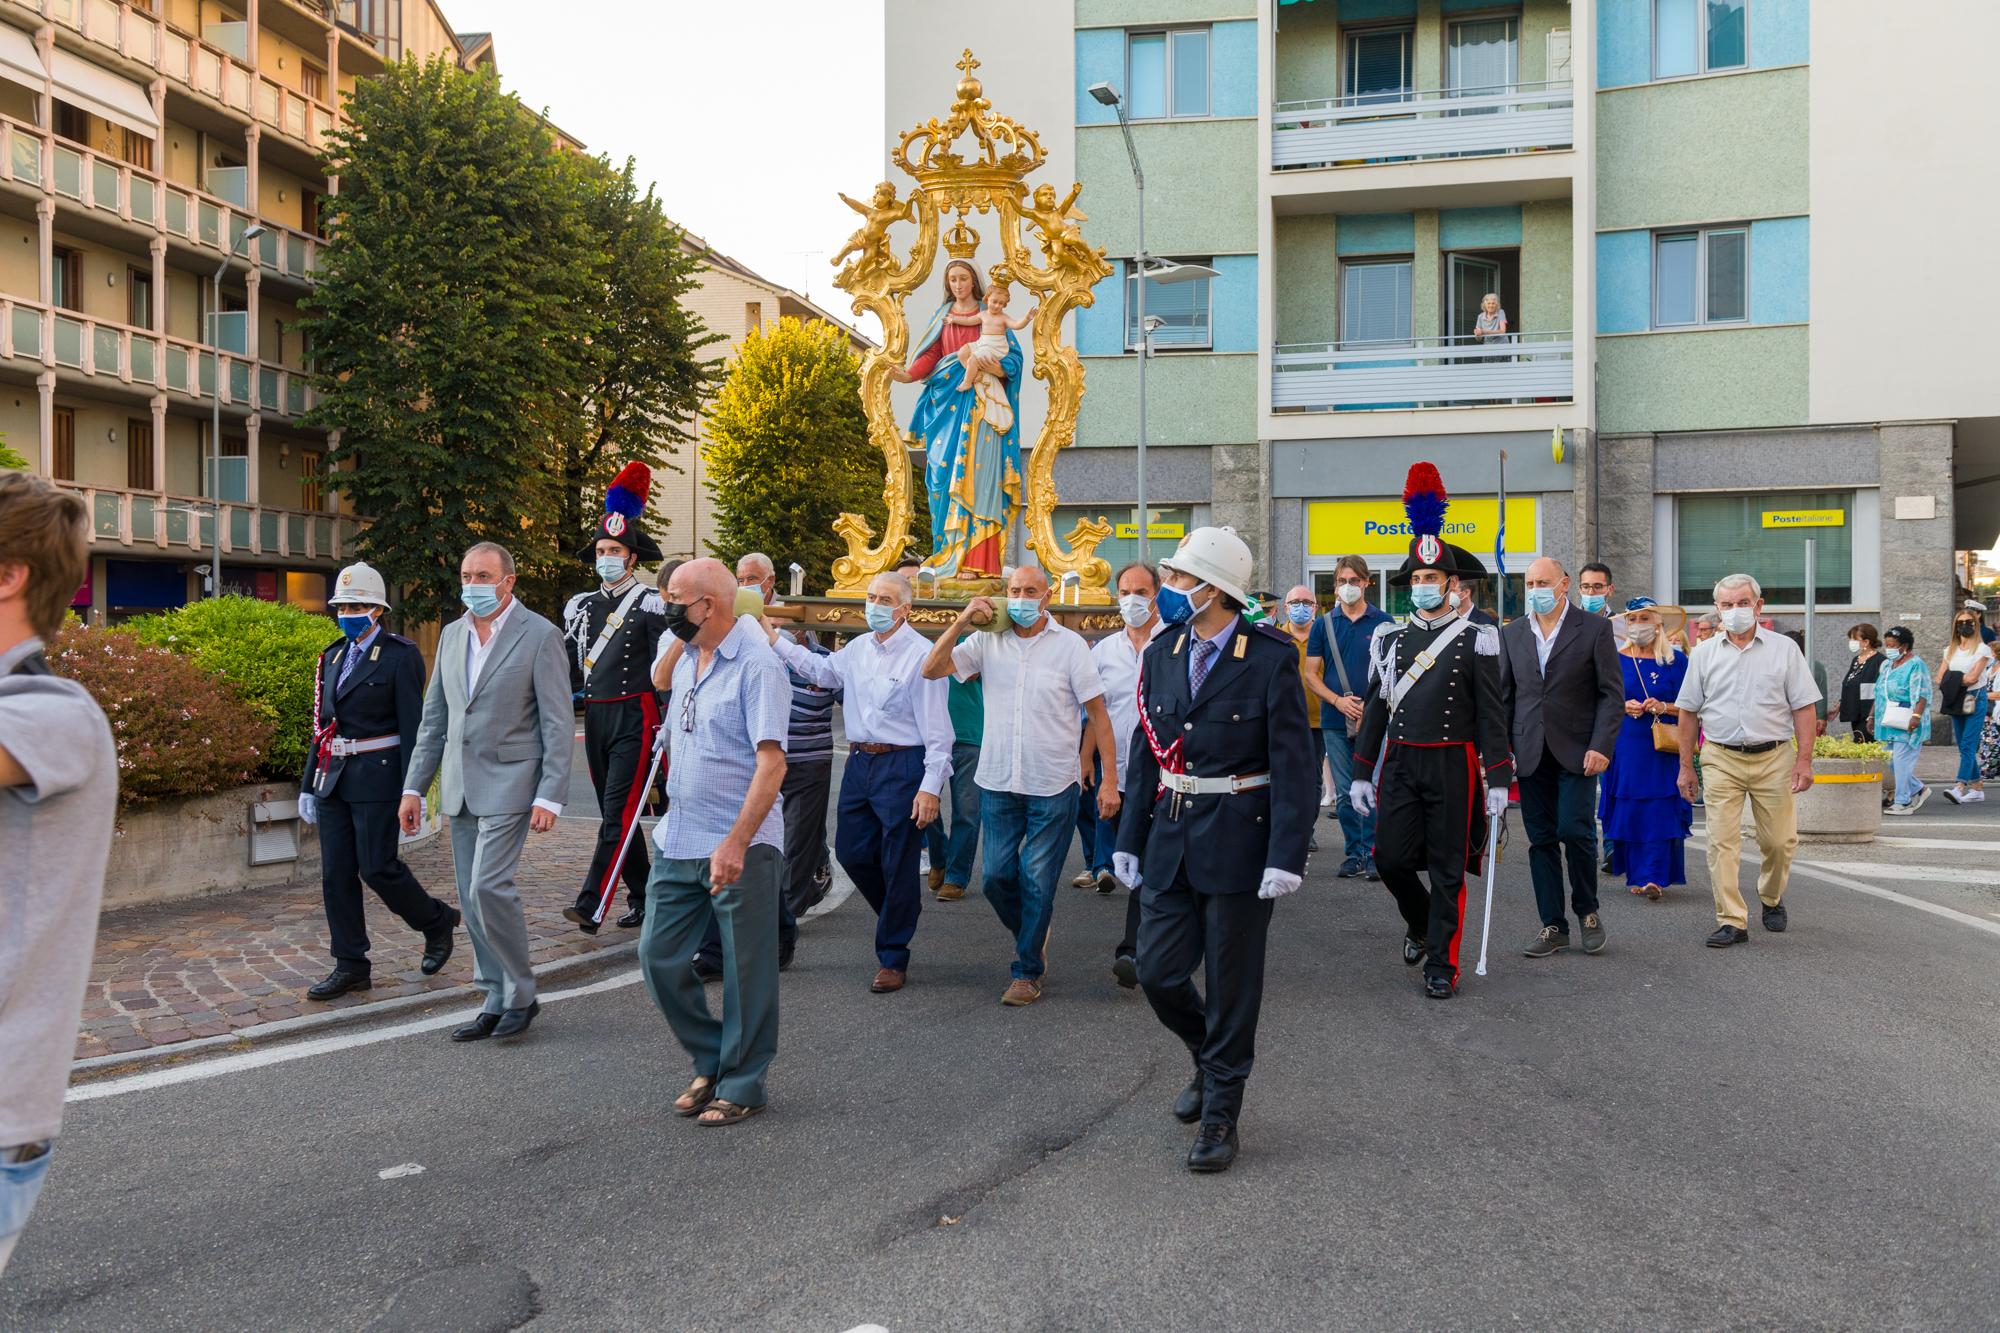 29-agosto-2021-Viola-17-e-processione-MdG-–-FOTO_mdg_-78